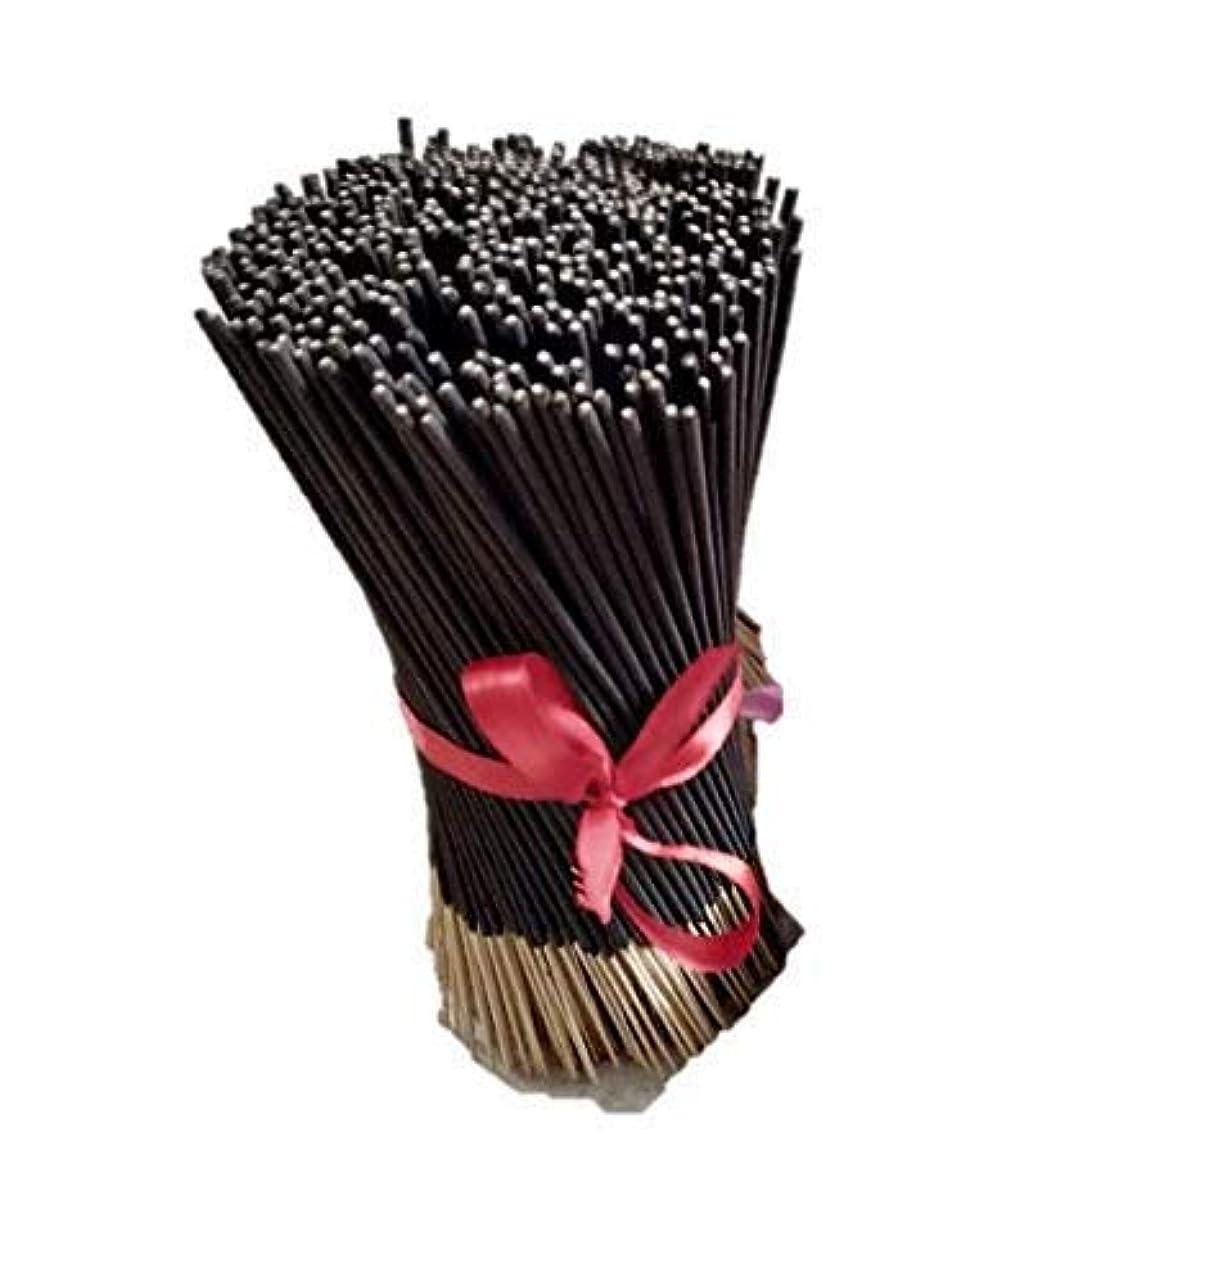 薄いですソファー迷惑Aroma Natural Products Raw Charcoal Incense Stick 1 Kilograms